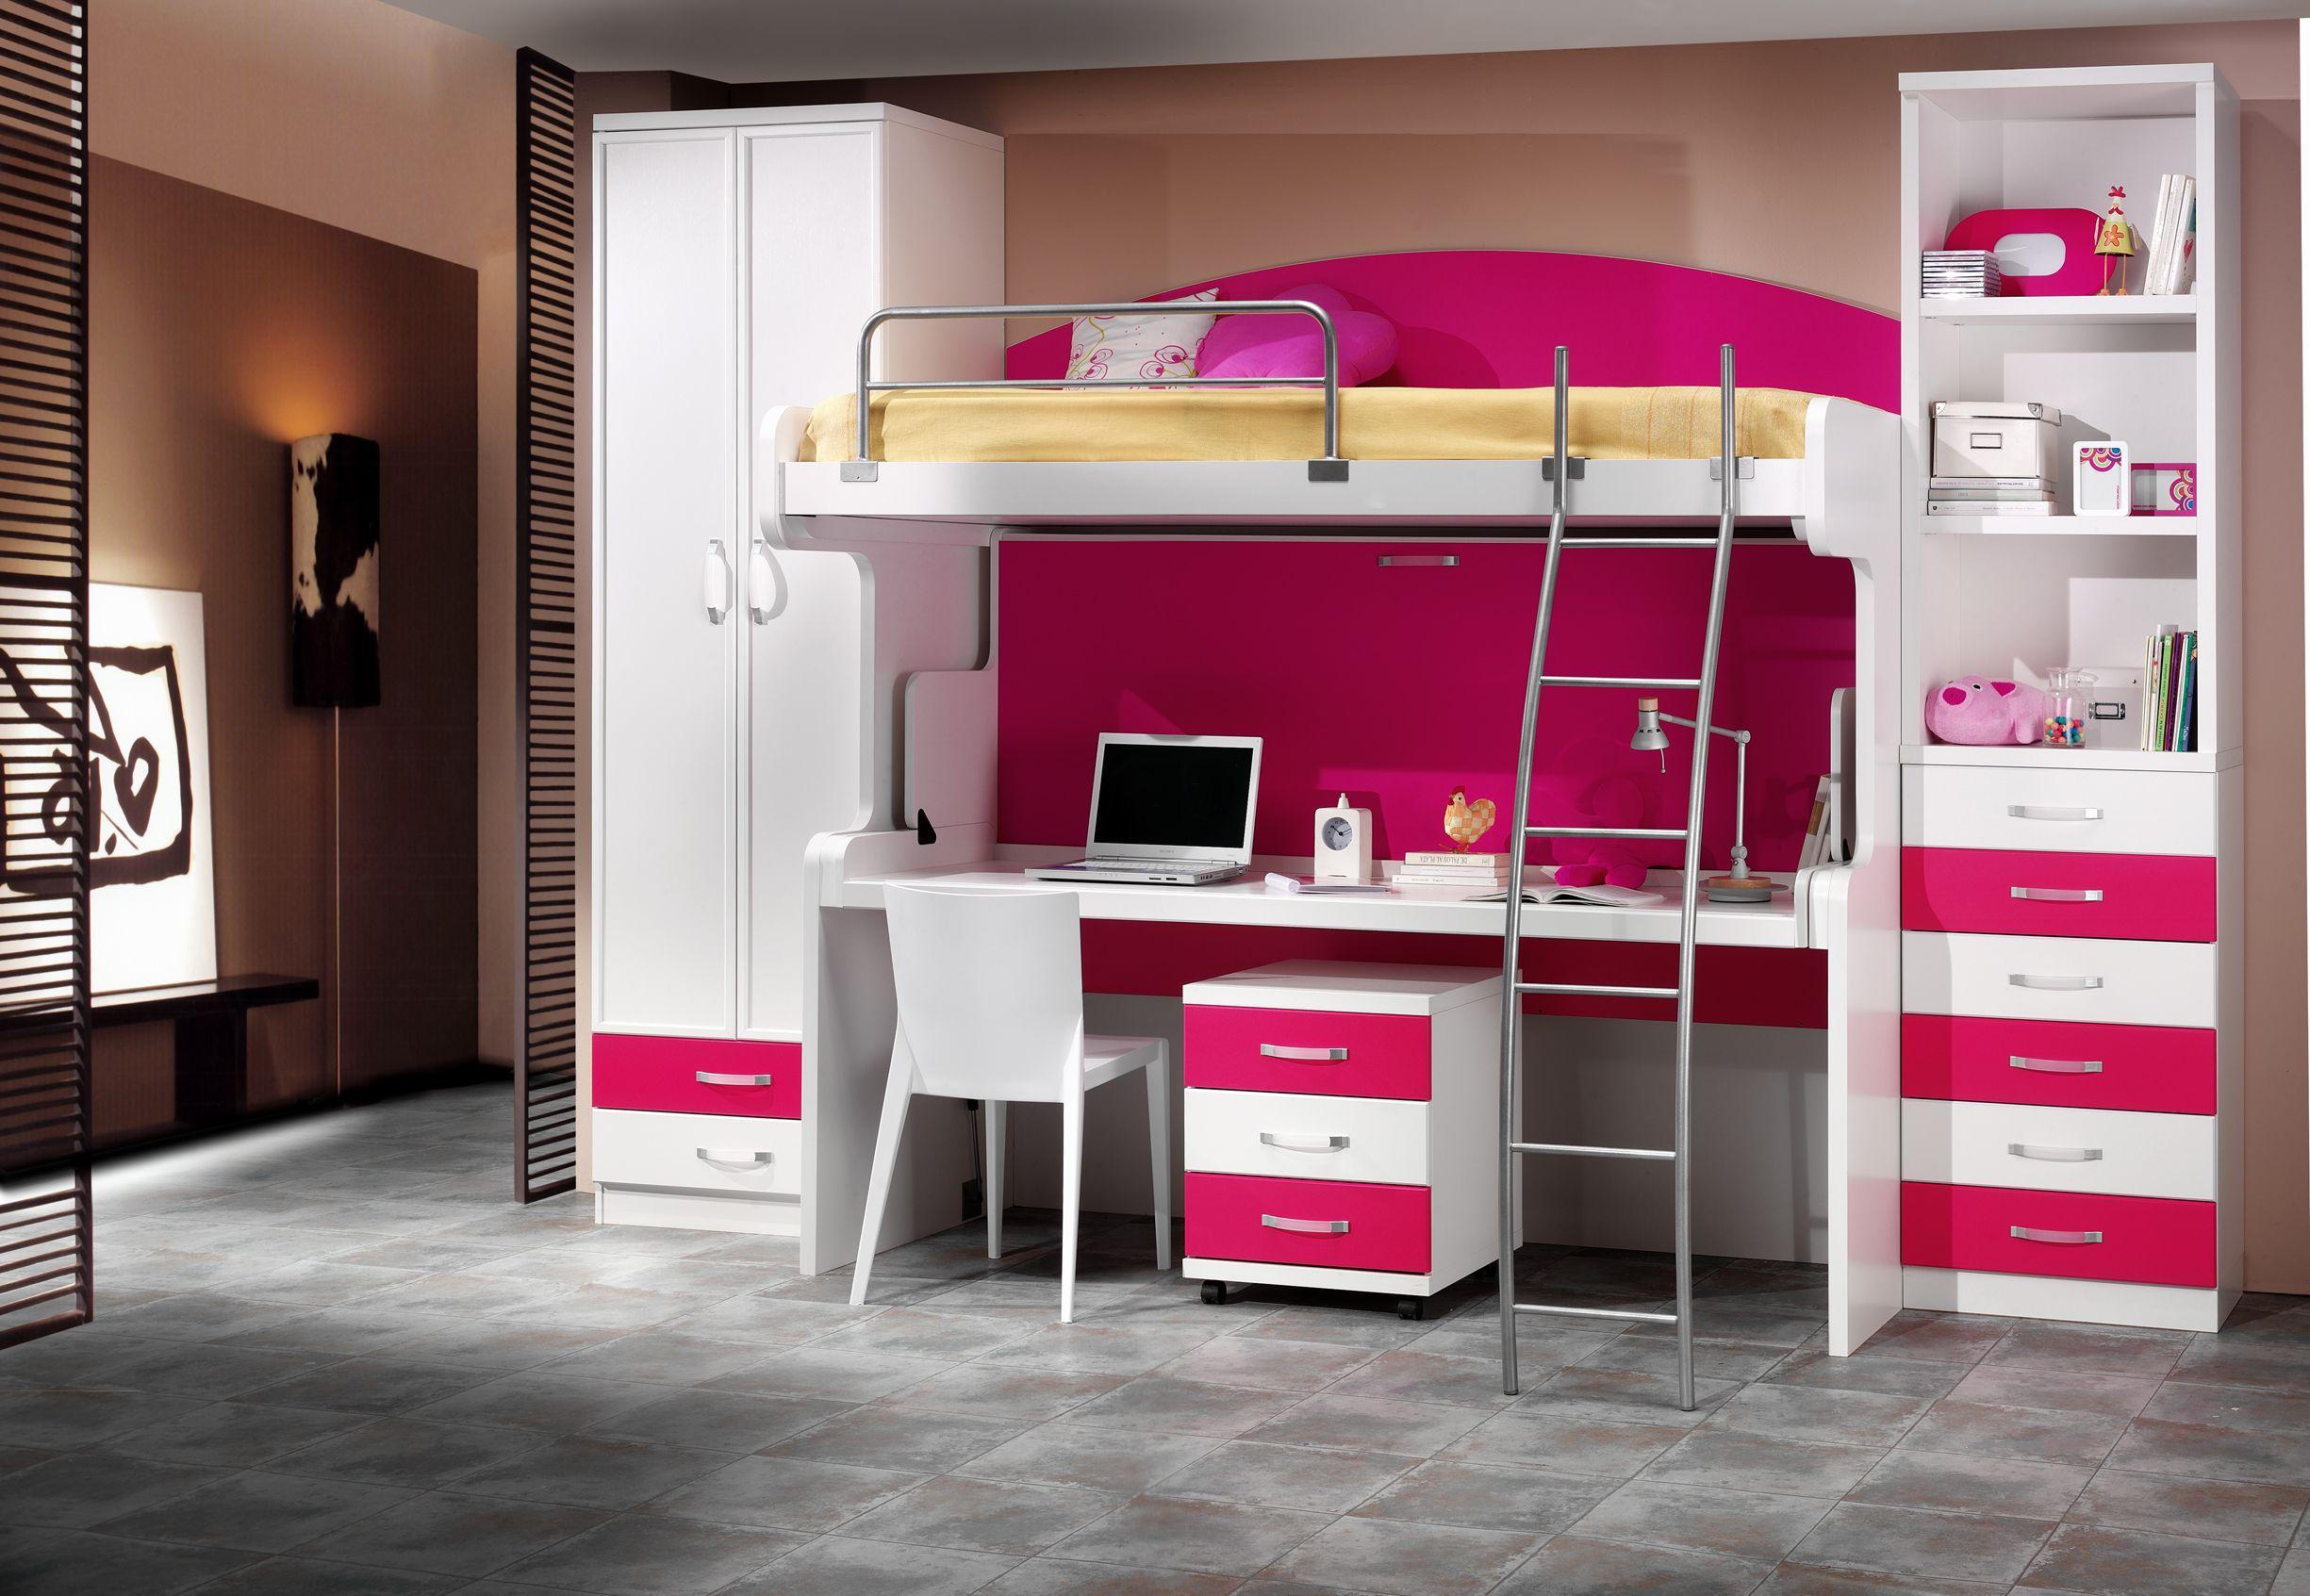 Hiddenbed S Double Decker Desk